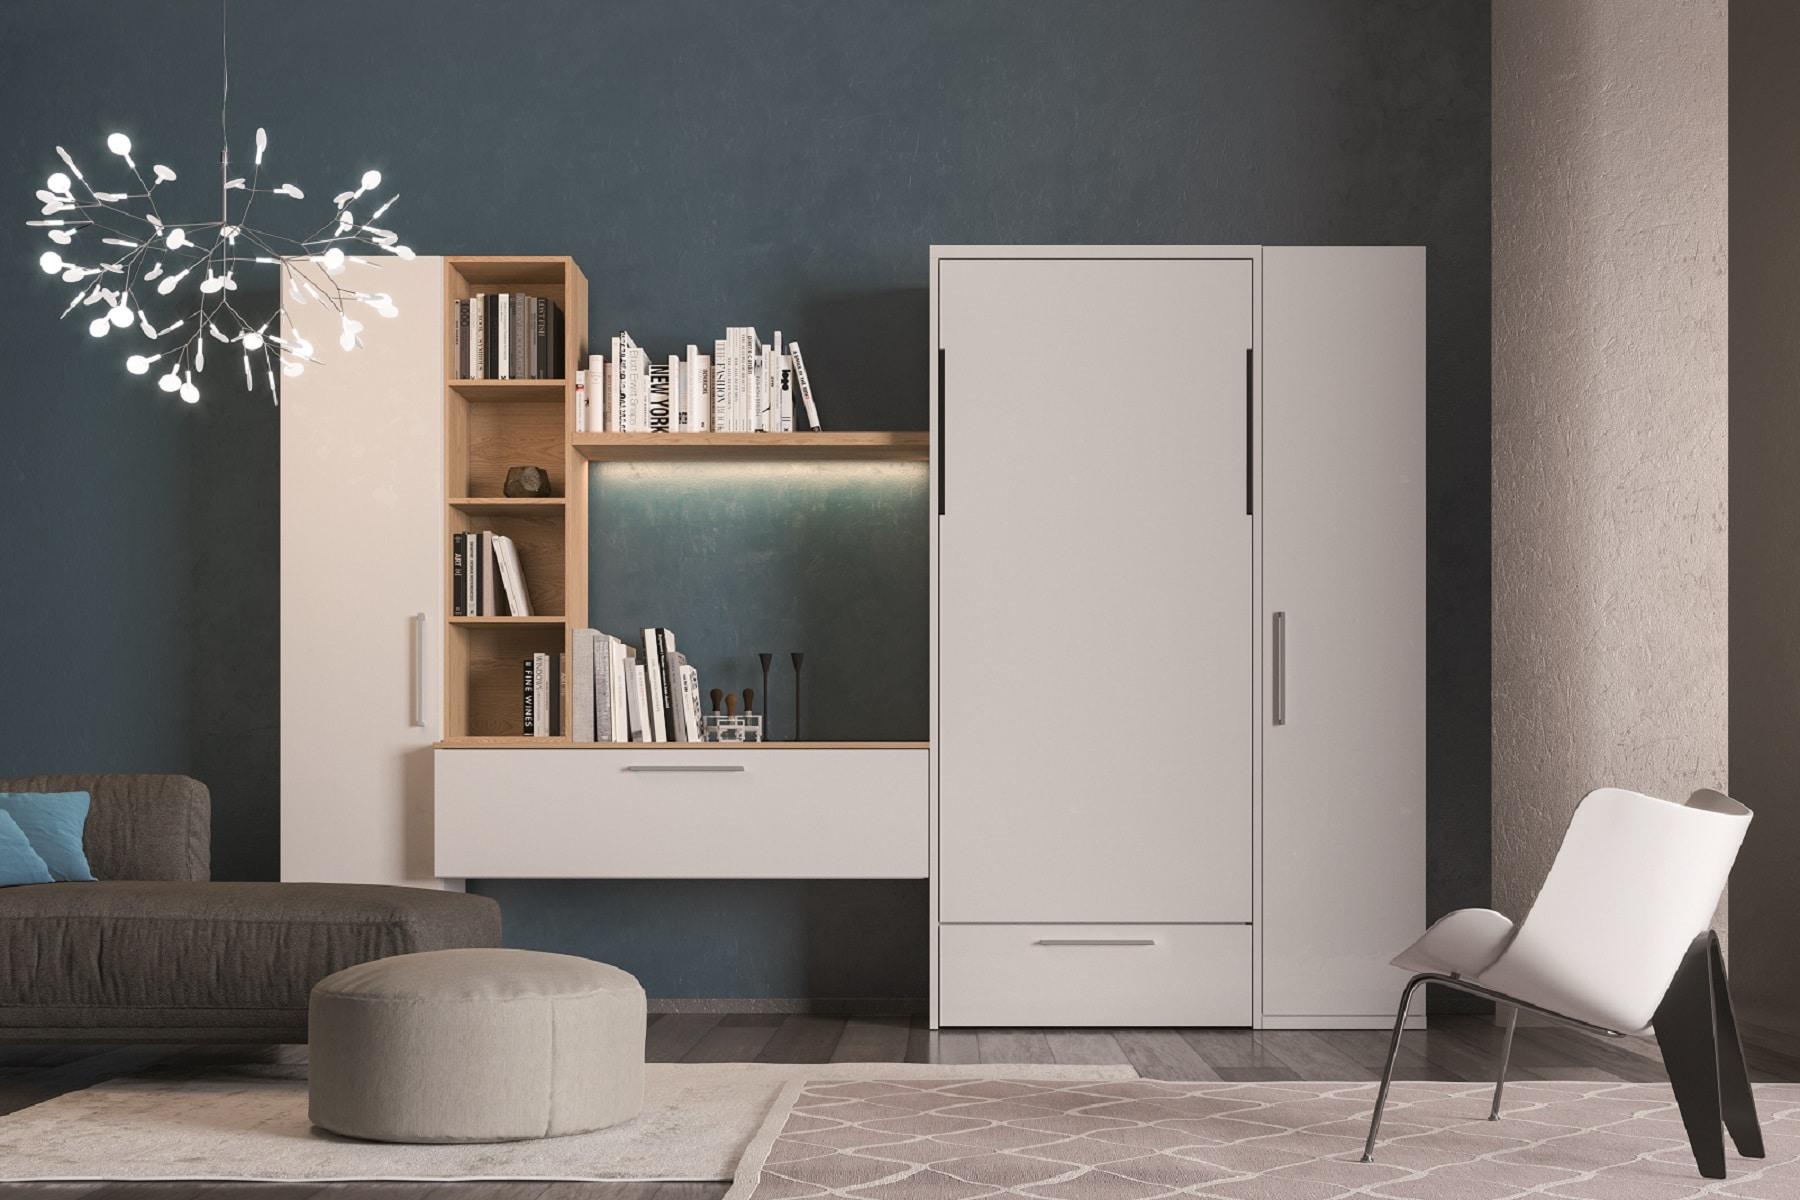 armadio letto a scomparsa rap verticale senza divanetto cassettone armadiatura e libreria personalizzabile chiuso